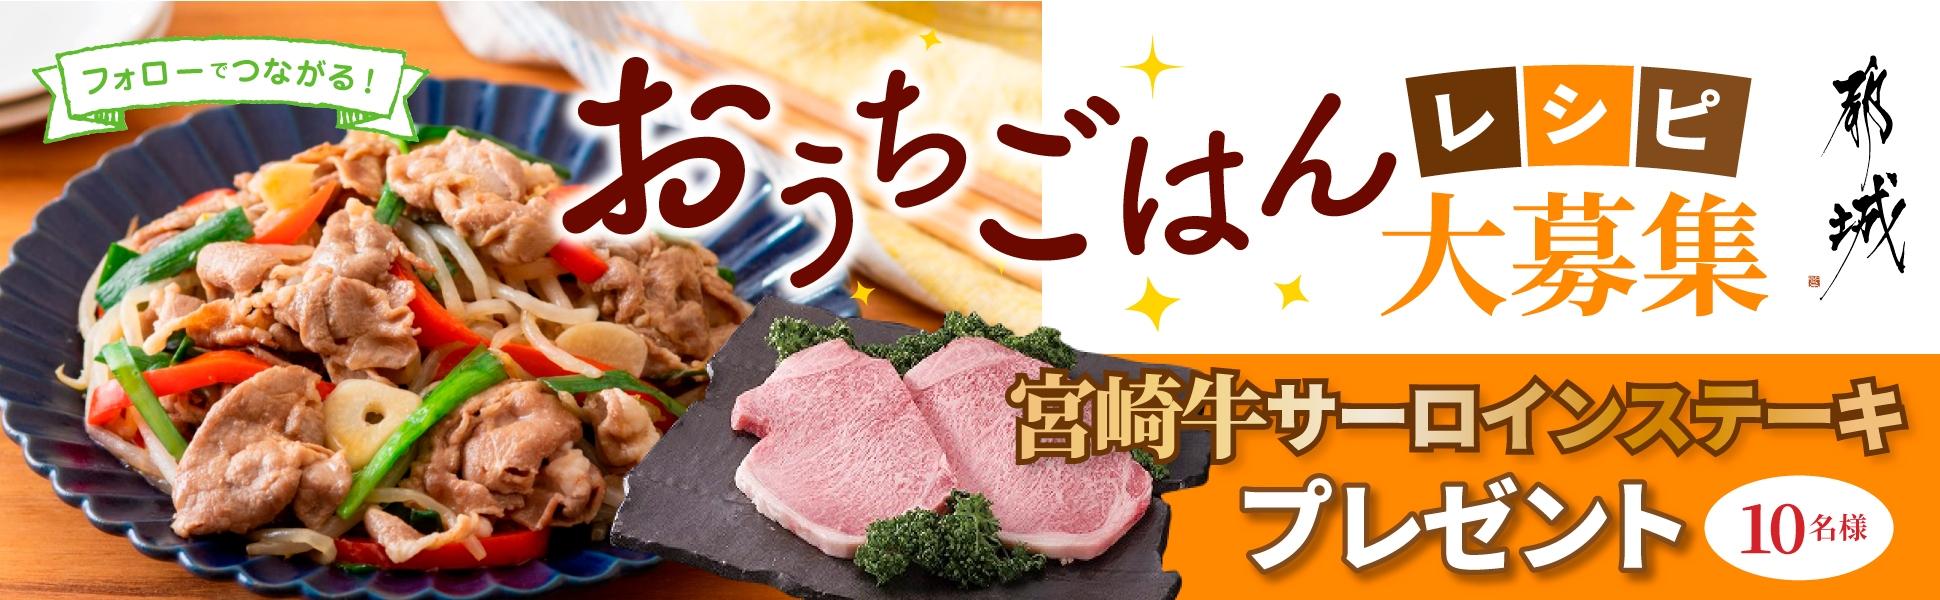 【宮崎牛サーロインステーキが当たる★】おうちごはんレシピ投稿&フォローキャンペーン